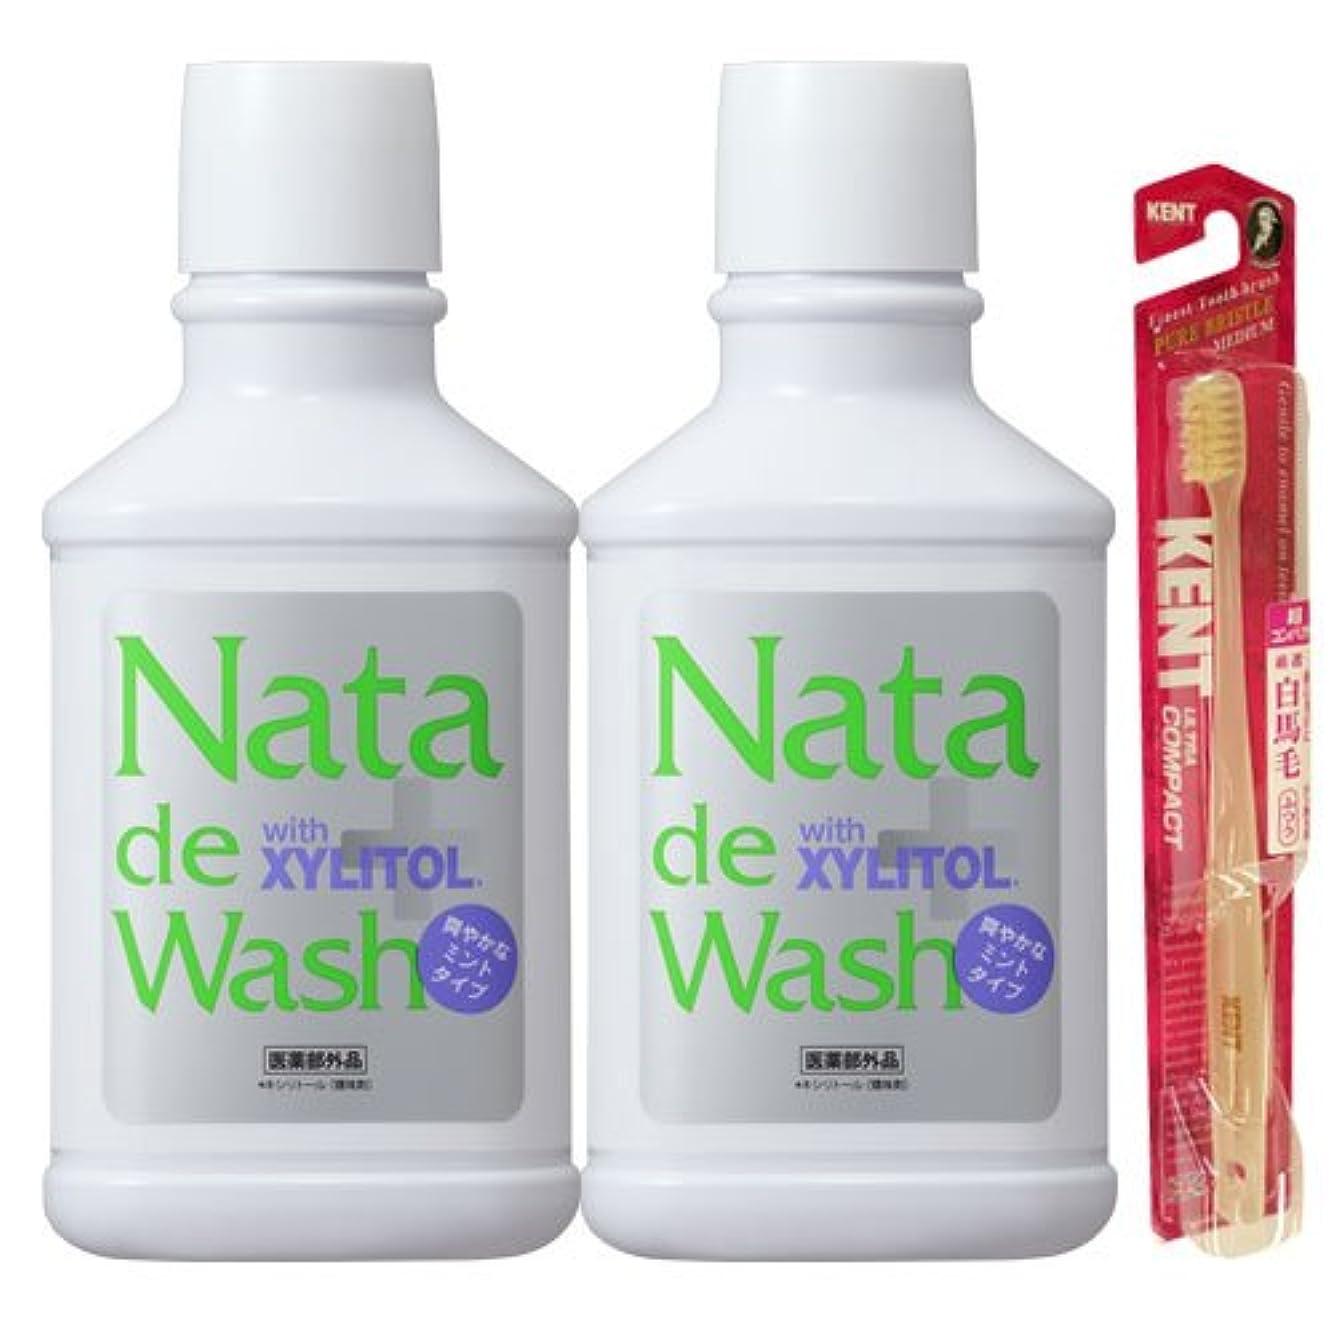 ウール存在する一時停止薬用ナタデウォッシュ 爽やかなミントタイプ 500ml 2本& KENT歯ブラシ1本プレゼント